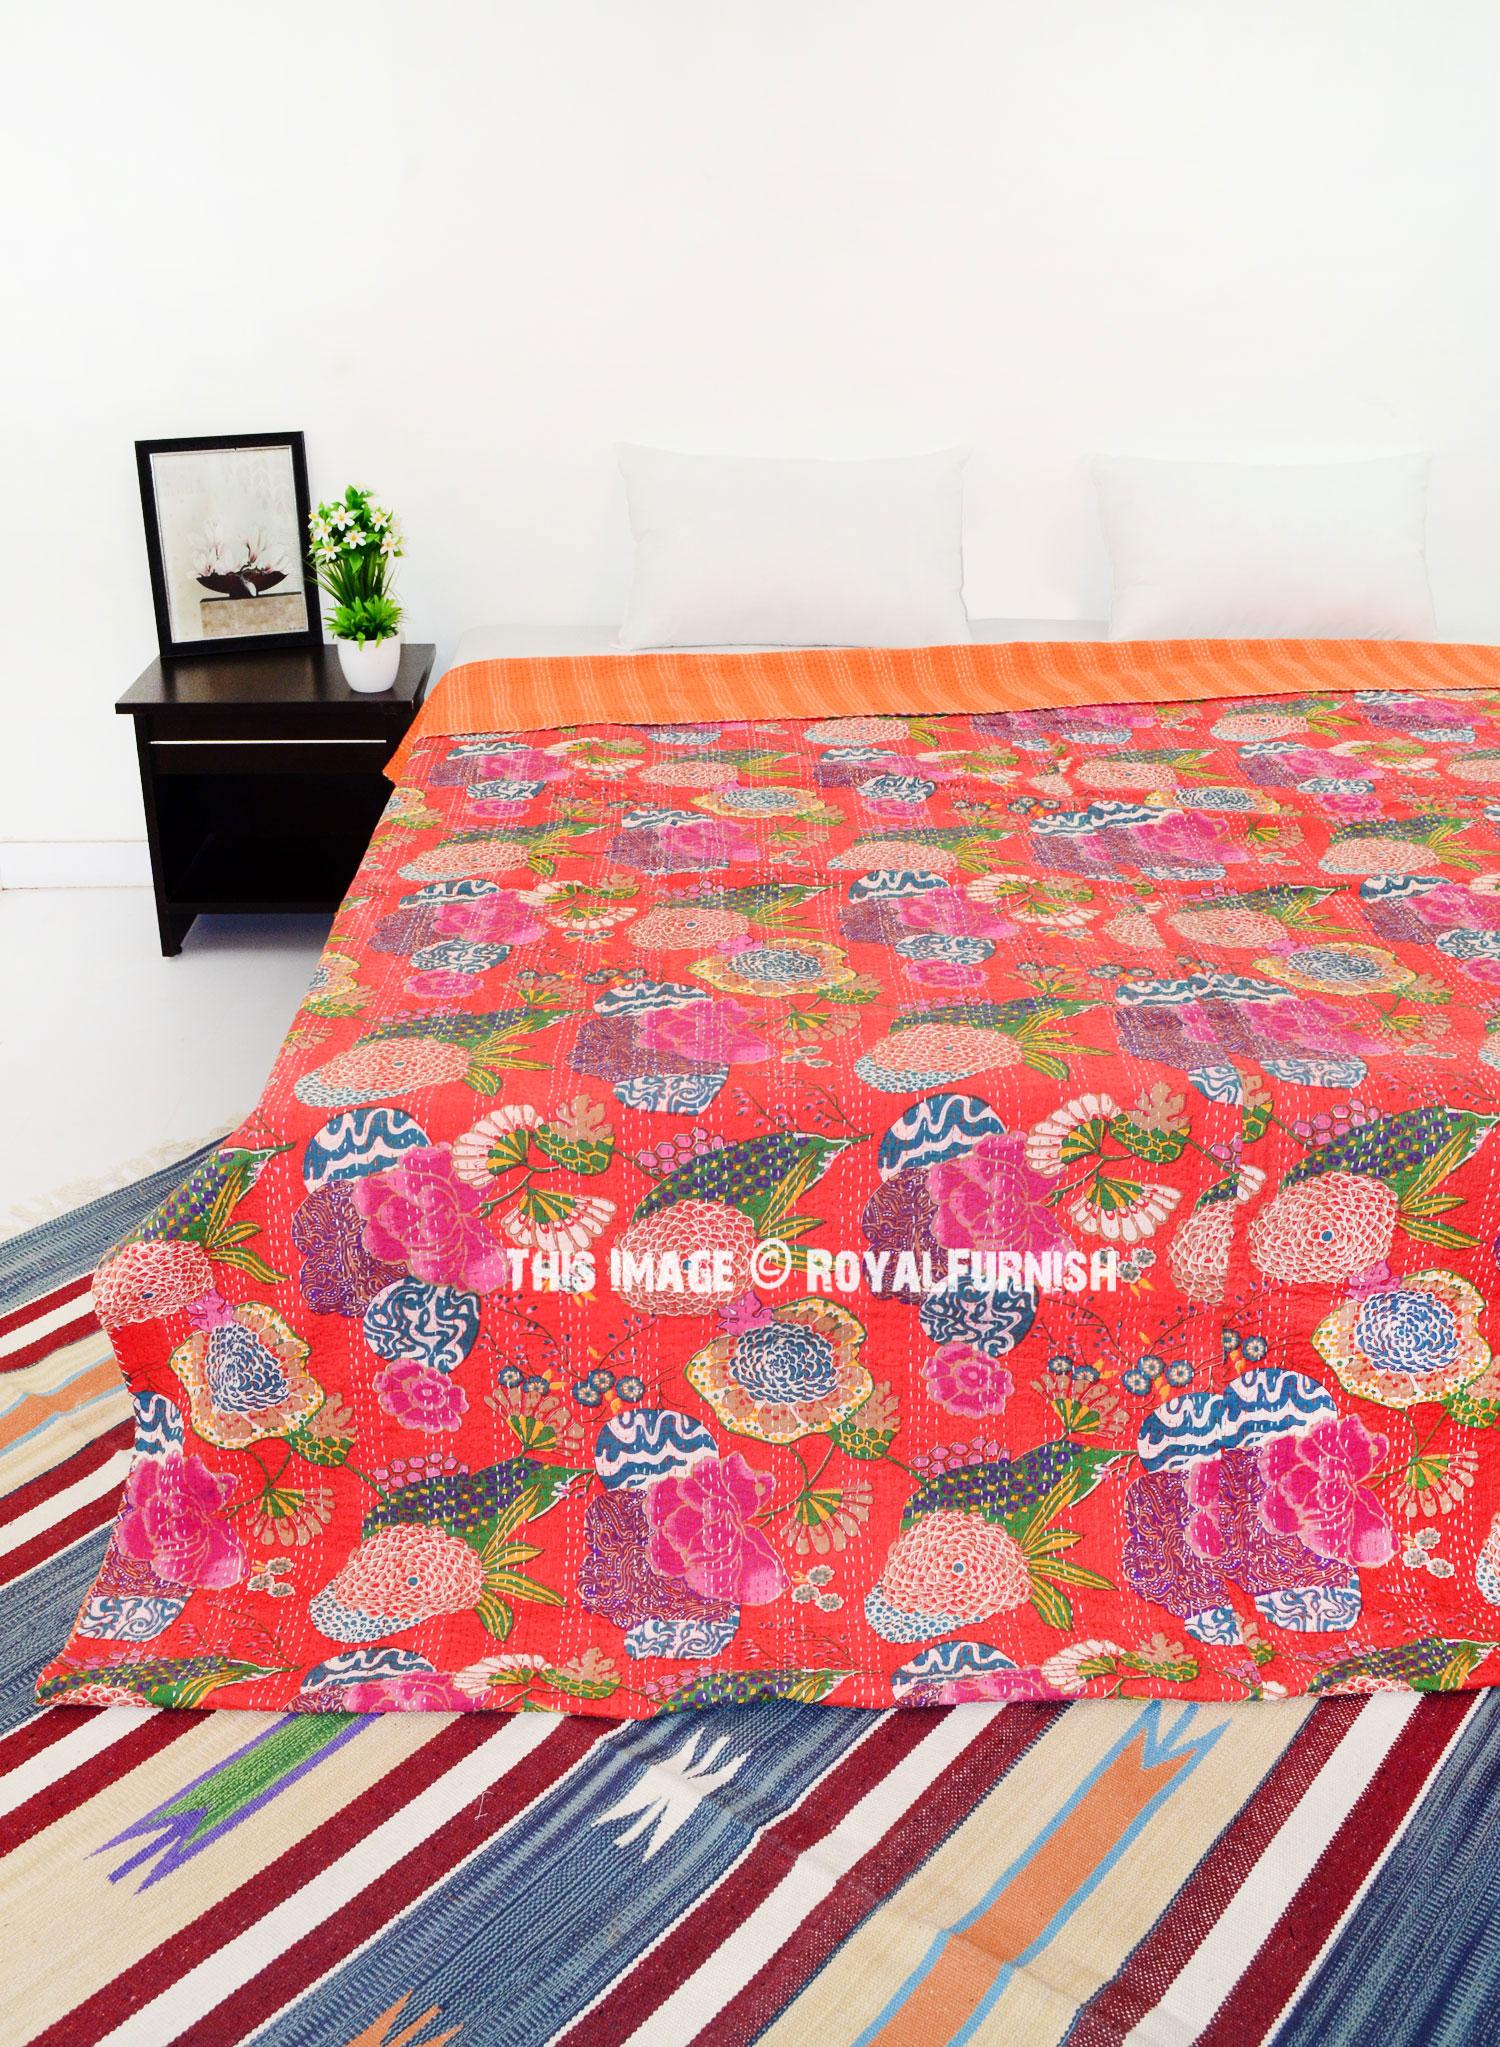 Orange Floral Patterned Indian Kantha Quilt Bedding Throw